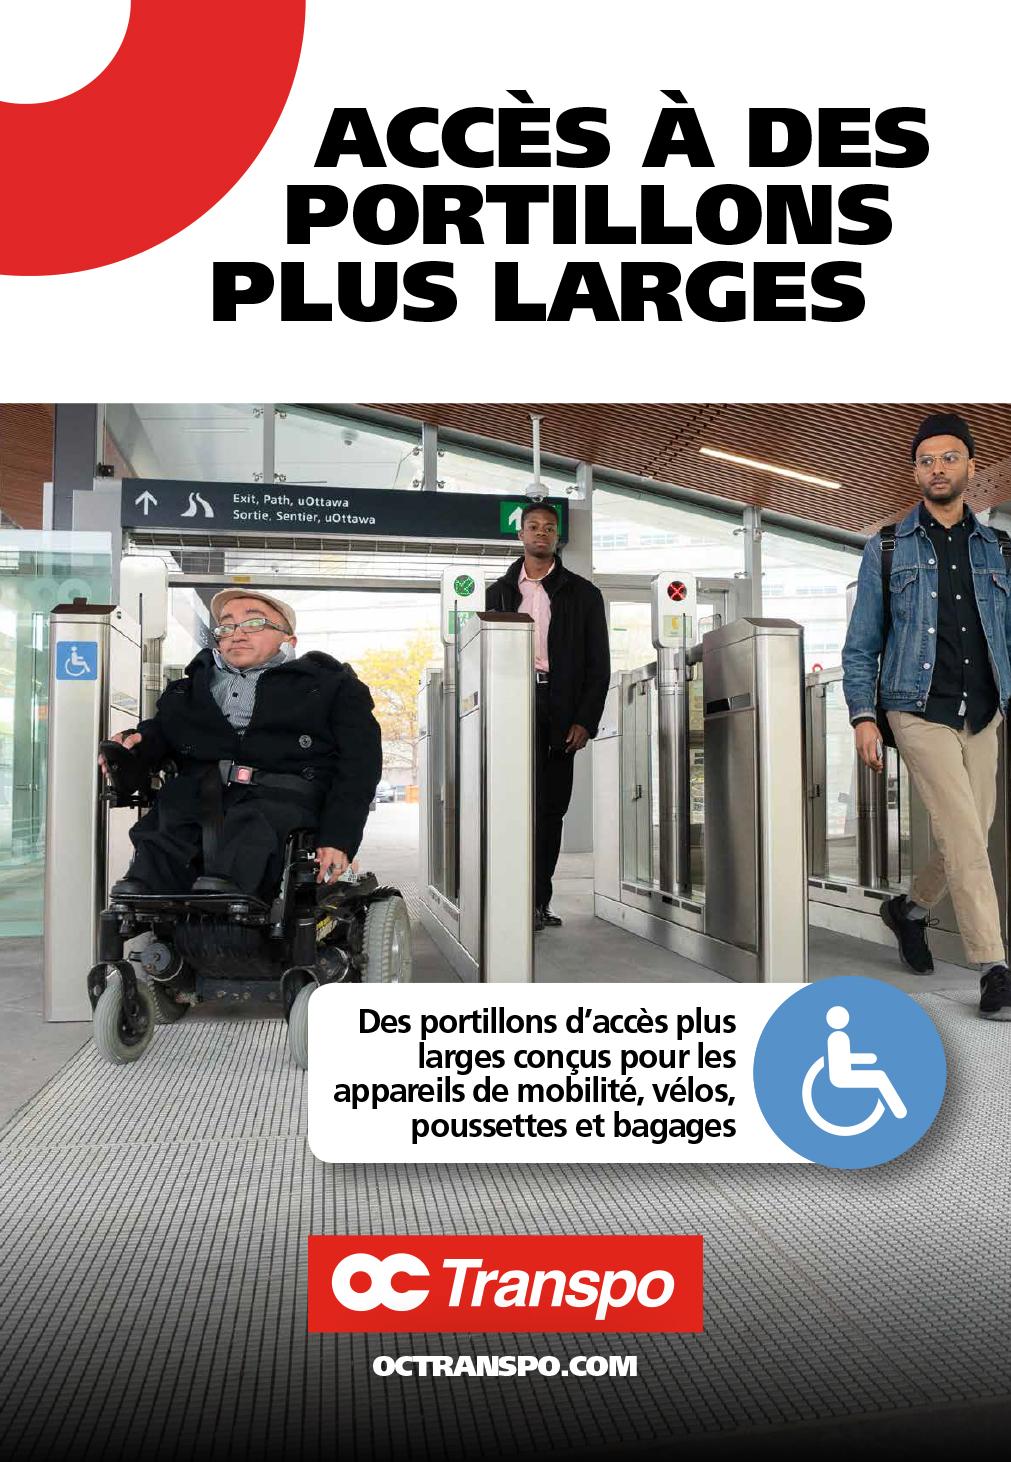 Un homme en fauteuil roulant électrique franchit un portillon d'accès plus large et accessible. Texte sur l'image : Des portillons d'accès plus larges conçus pour les appareils de mobilité, vélos, poussettes et bagages